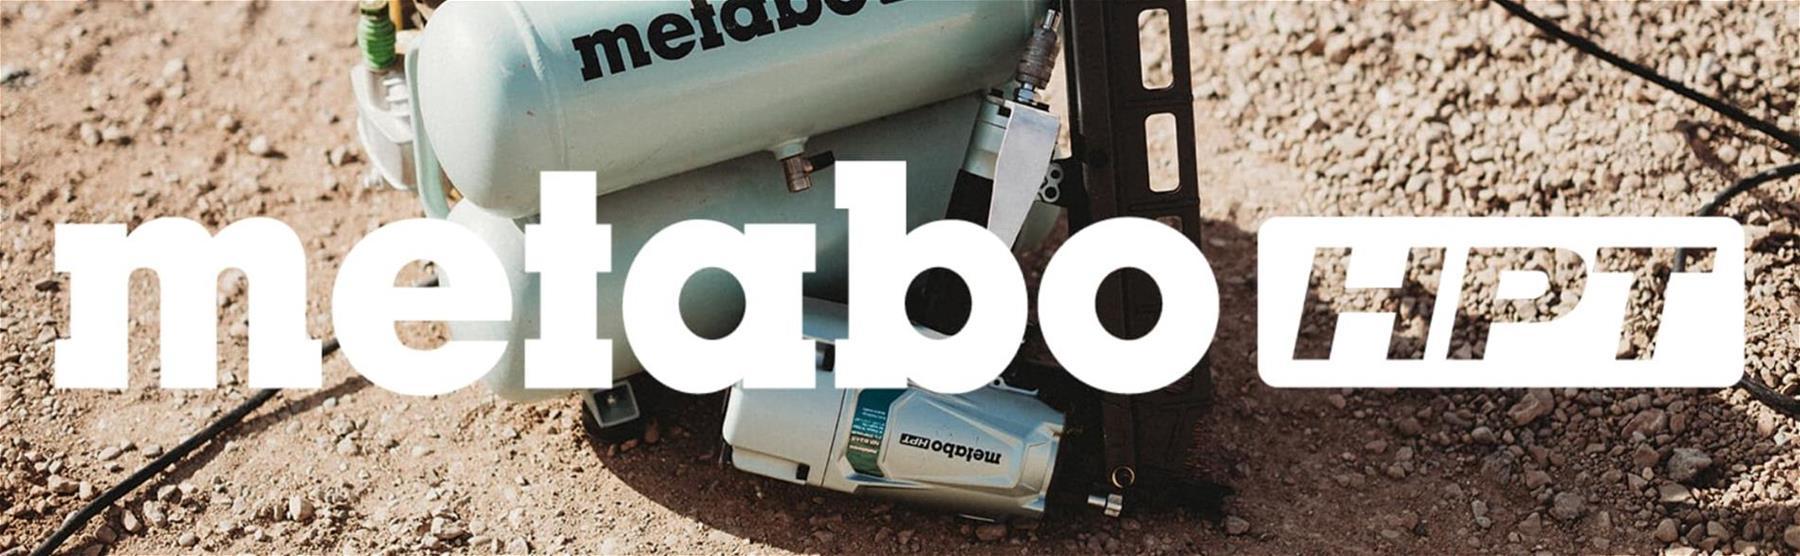 Metabo HPT Compressor Banner